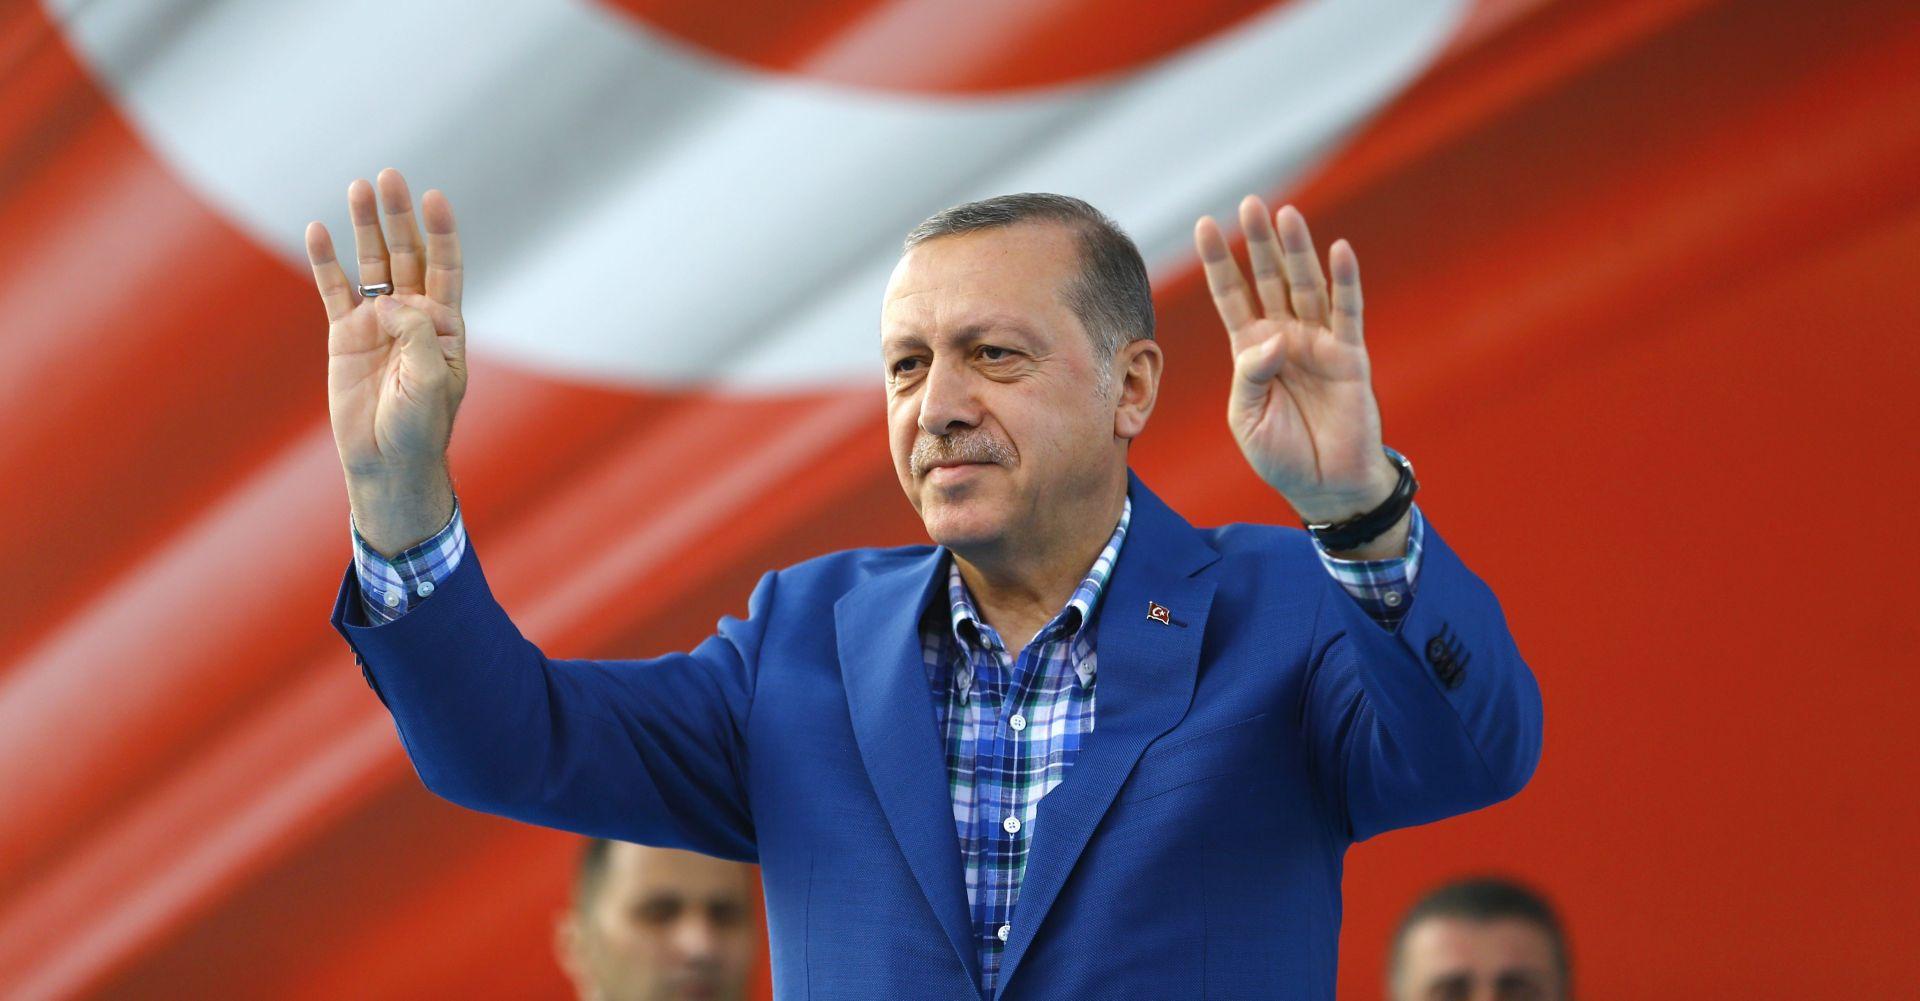 TURSKA OPOZICIJA 'Vlada dopušta terorizam'